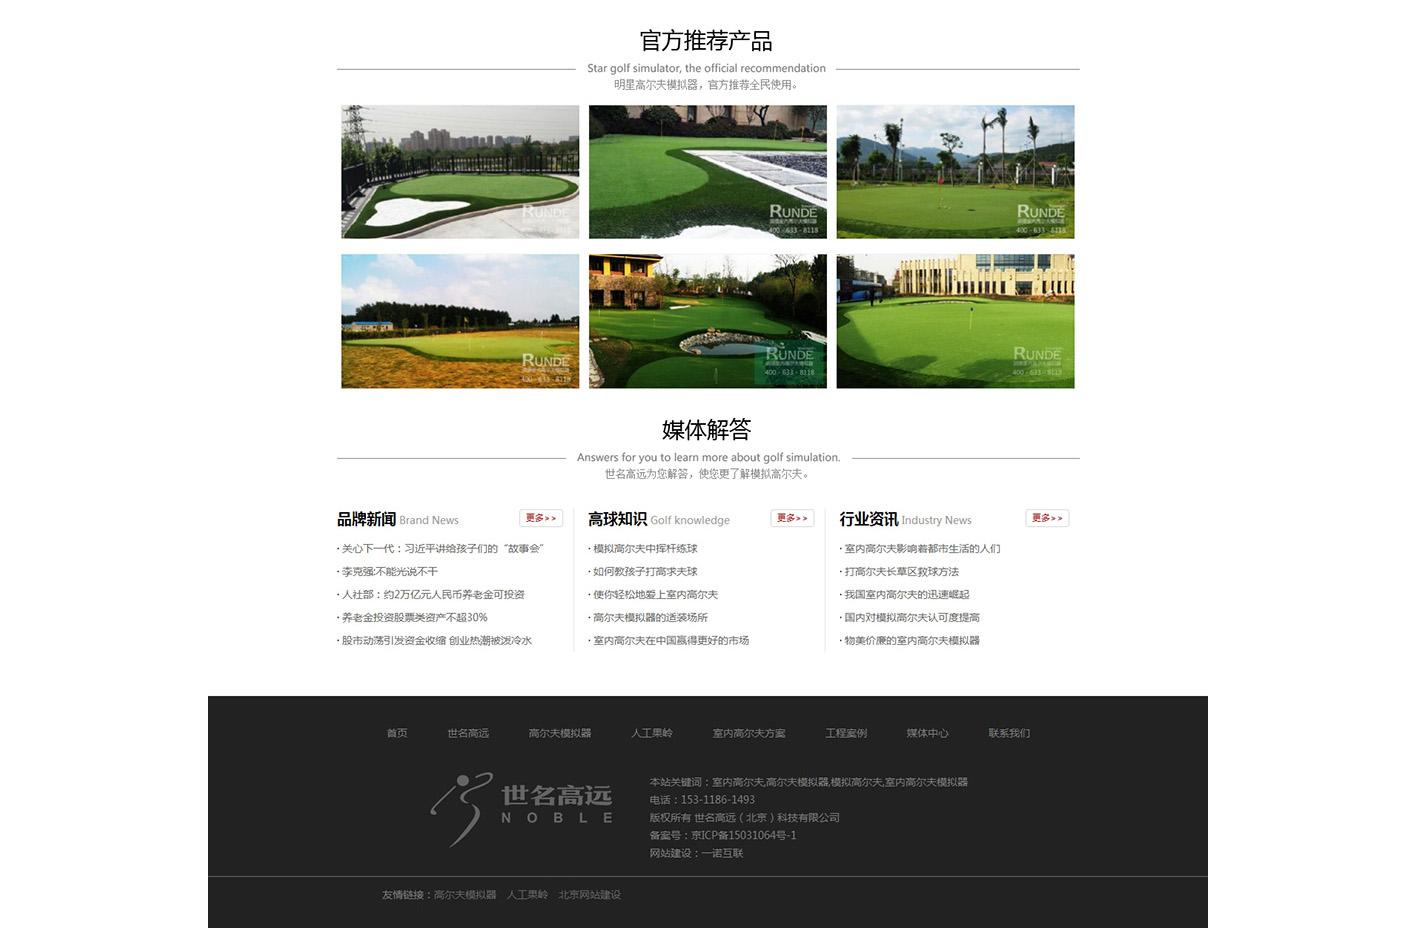 乐虎app官网世名高远